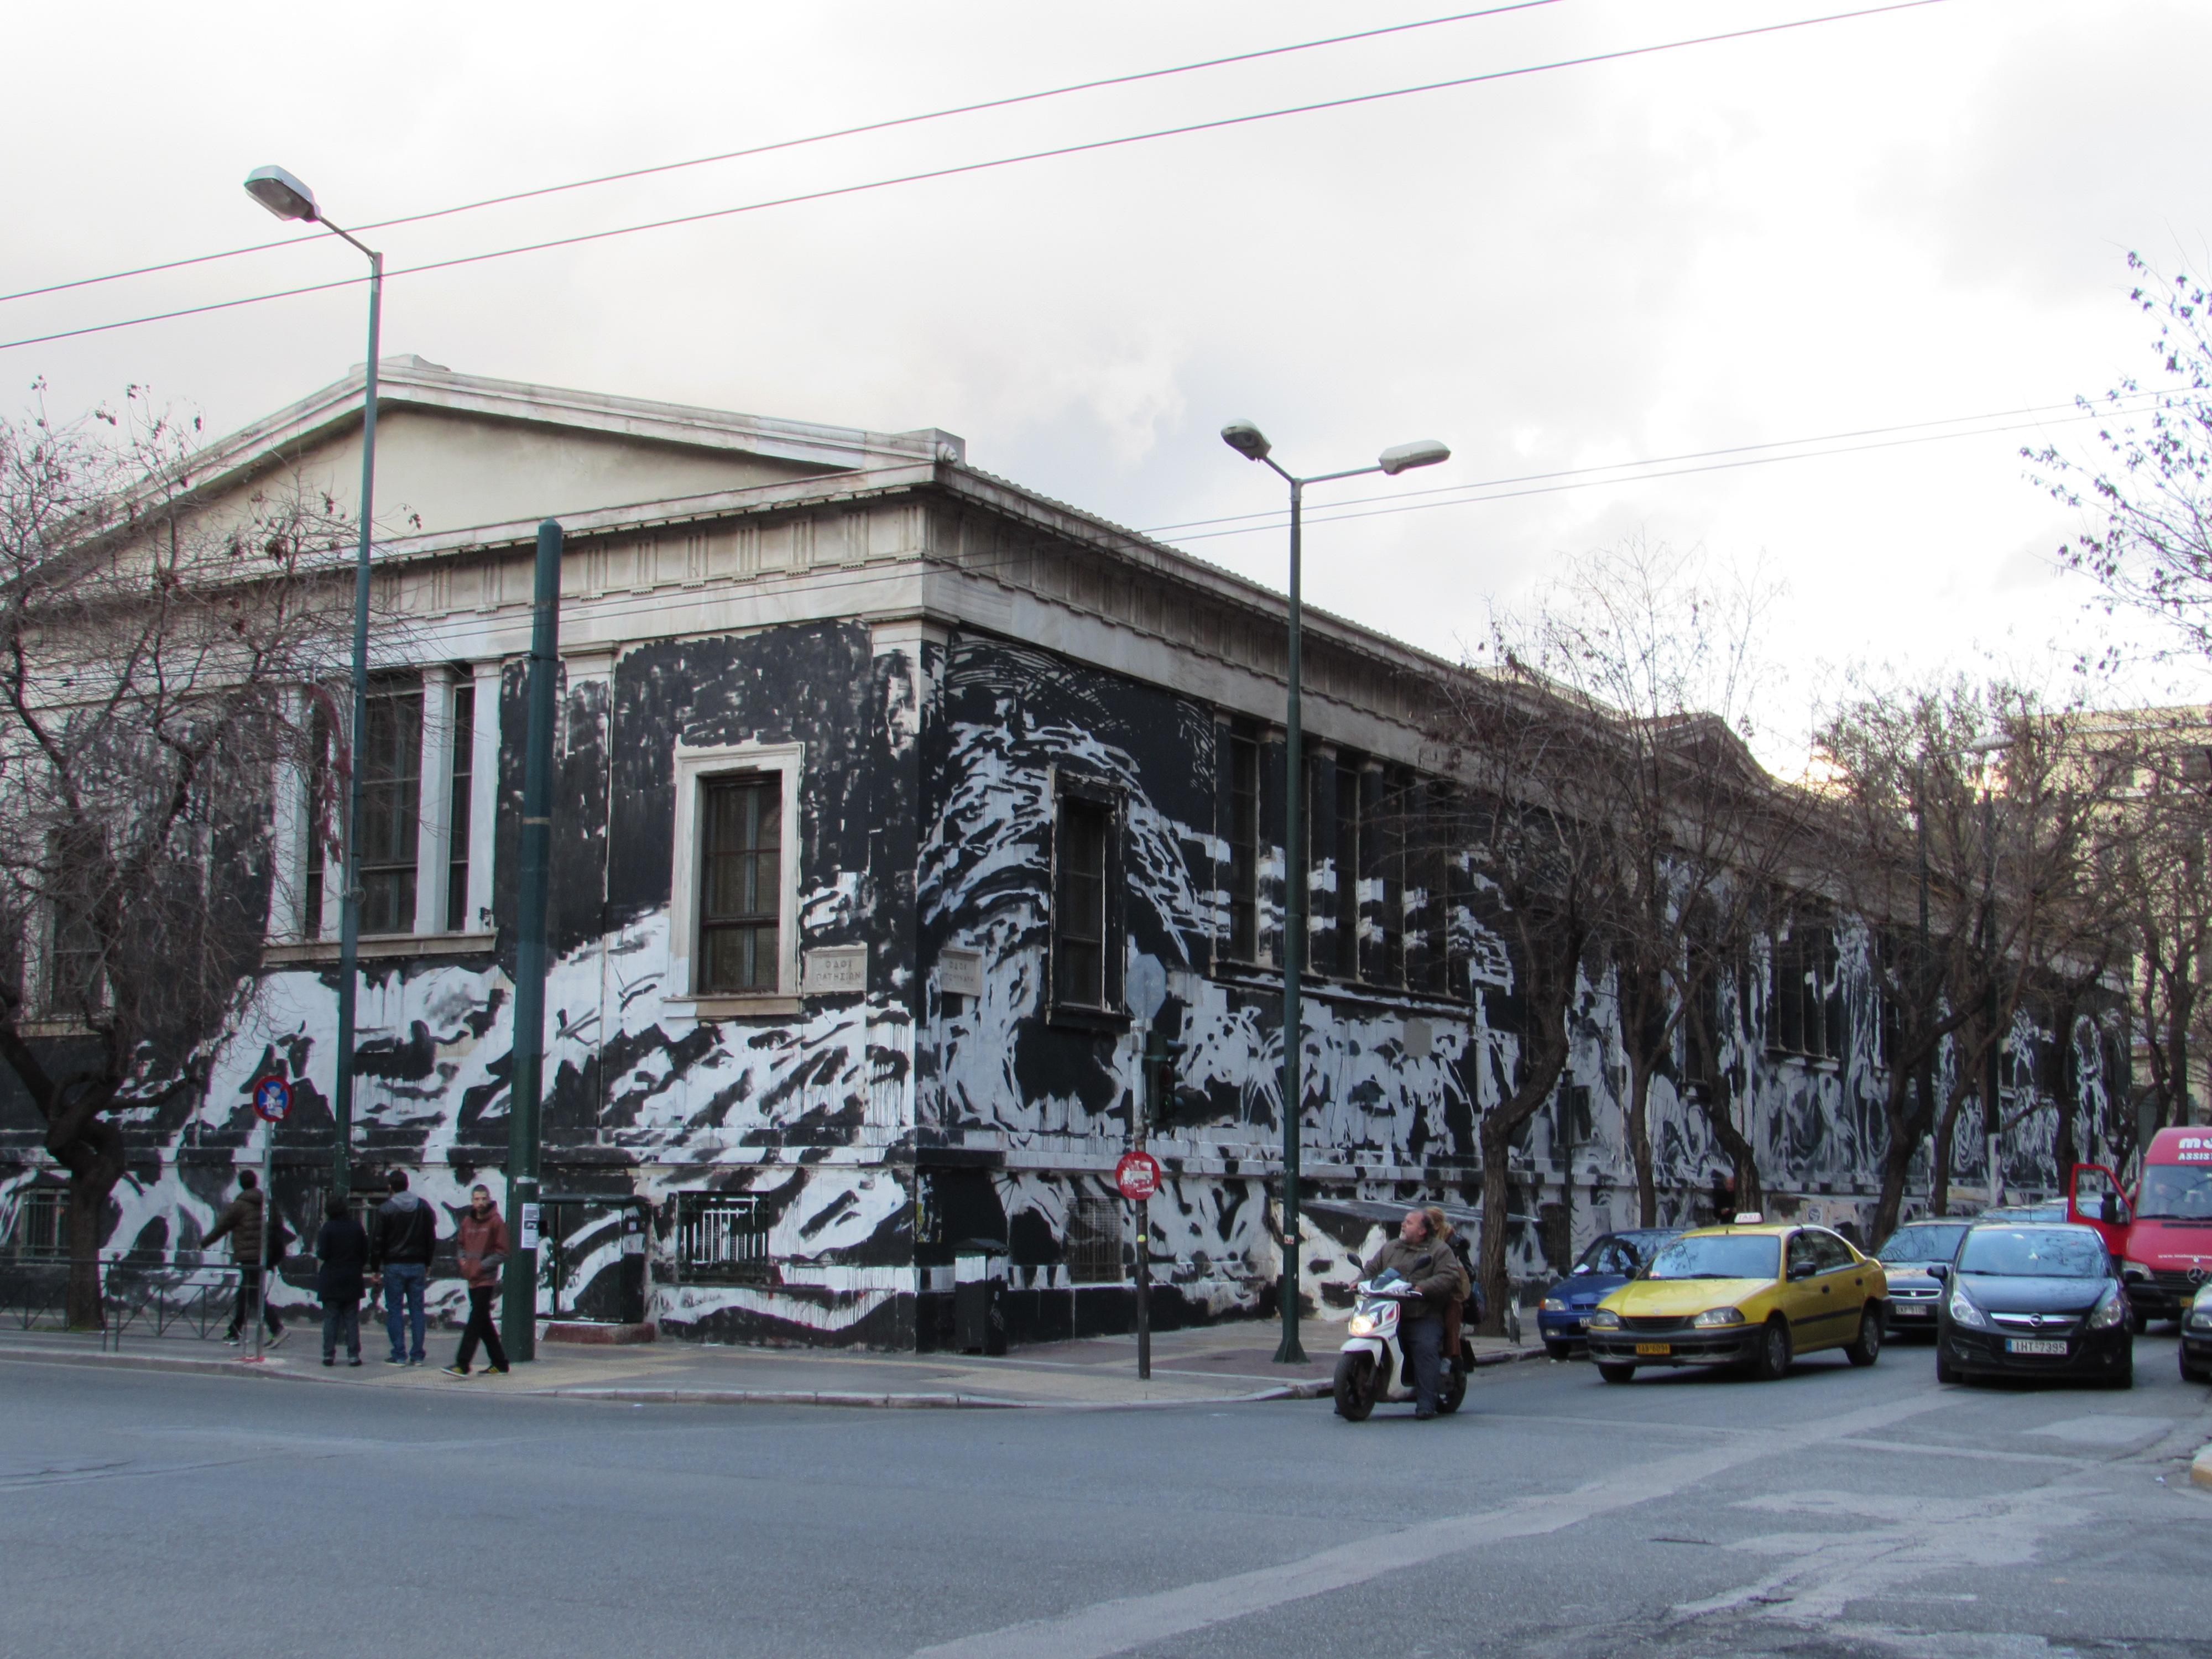 Athens polytechnic graffiti